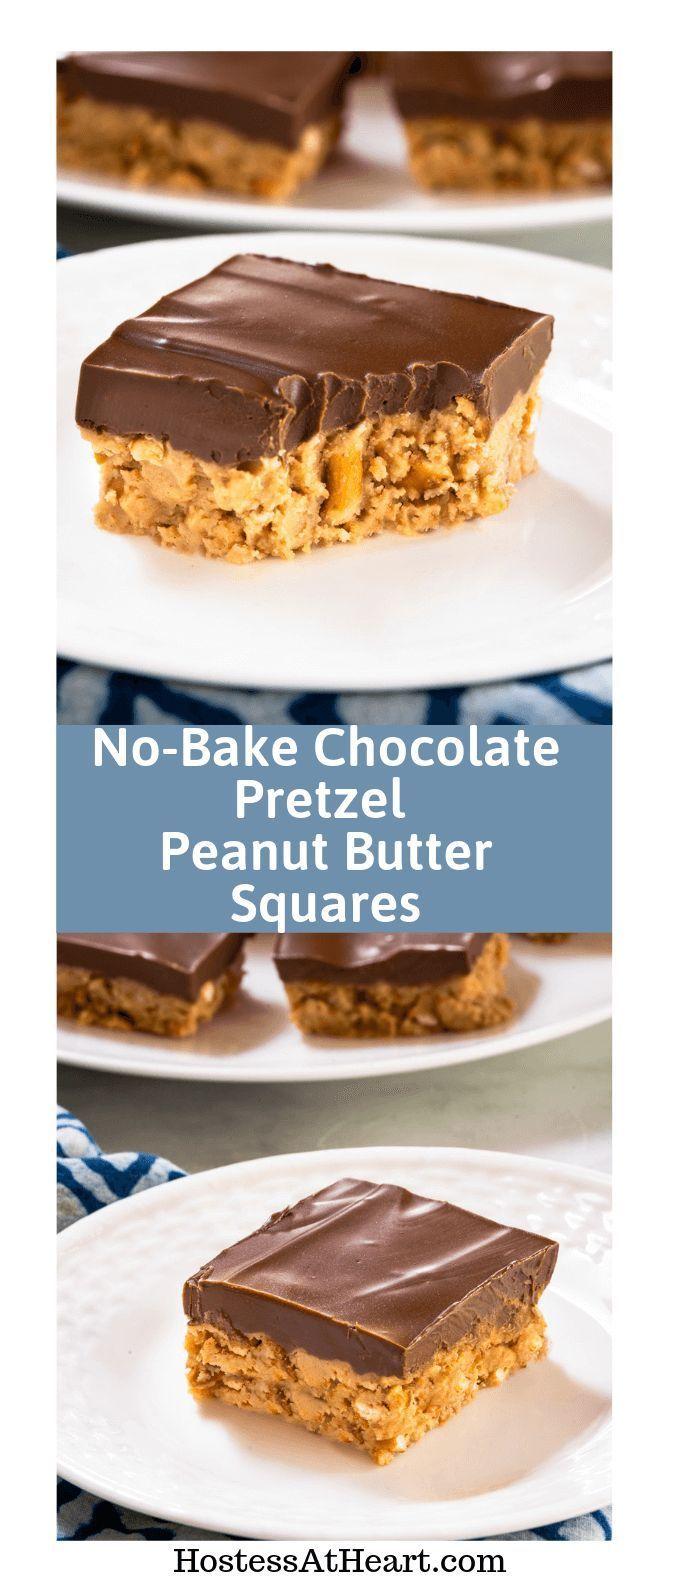 No-Bake Chocolate Pretzel Peanut Butter Squares #peanutbuttersquares